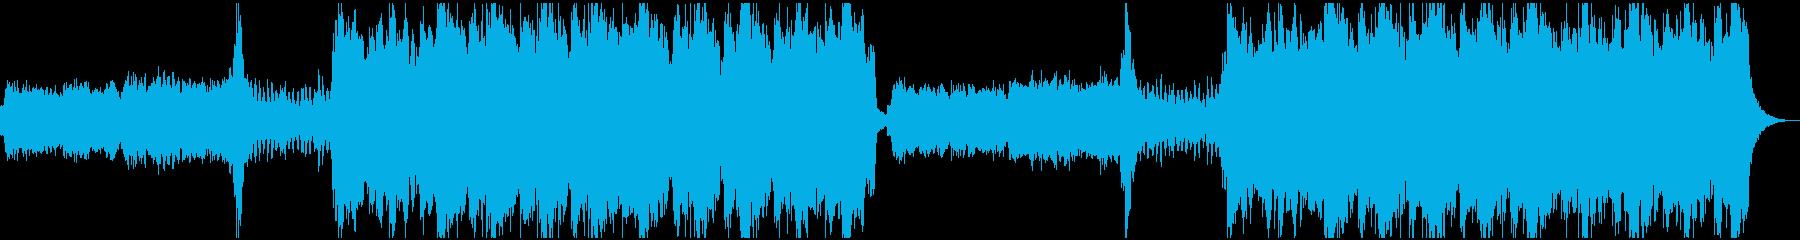 ダークファンタジー系のBGMの再生済みの波形